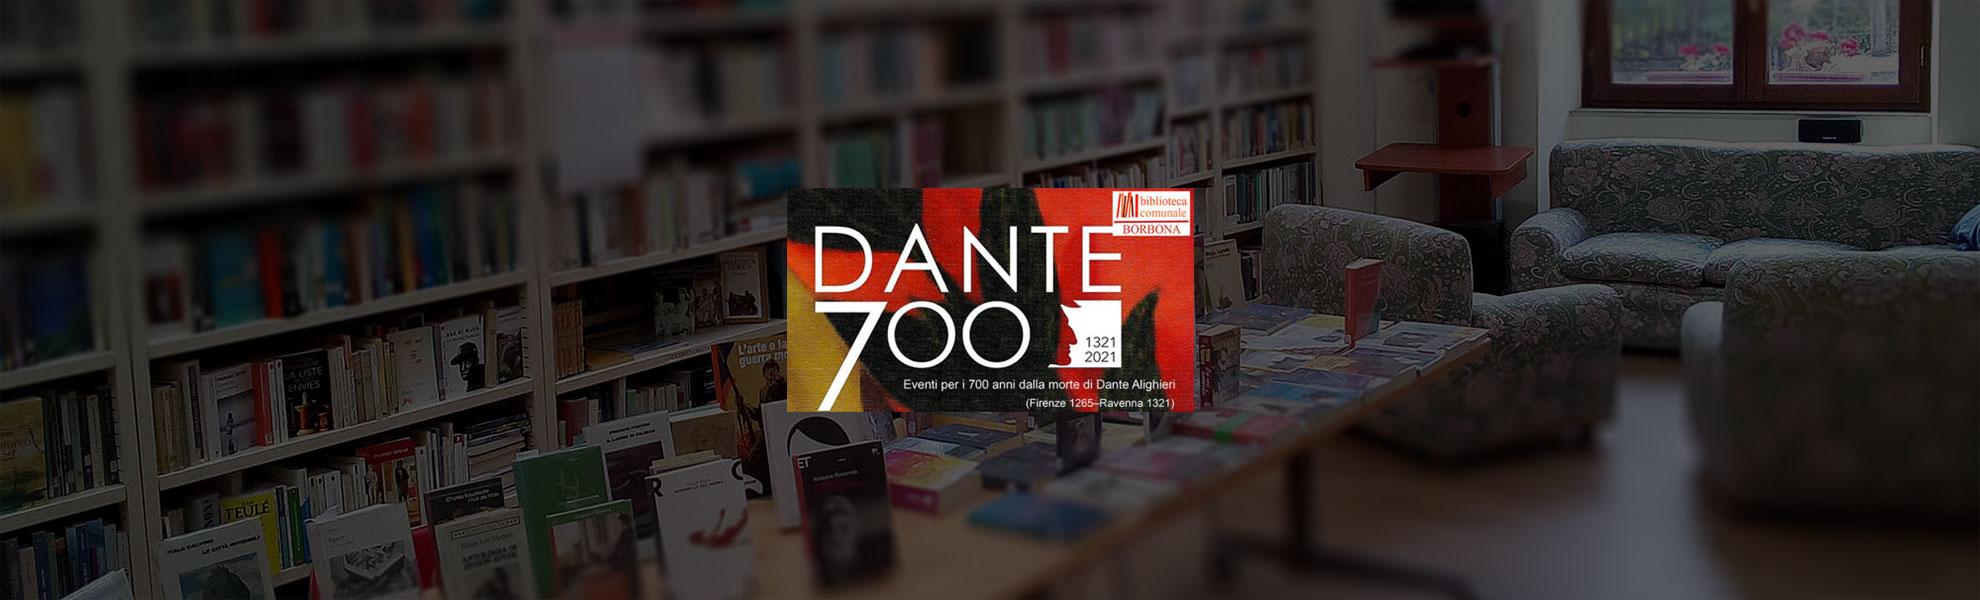 LETTURE DANTESCHE – Pagine tratte della opere di Dante Alighieri e da libri a lui ispirati